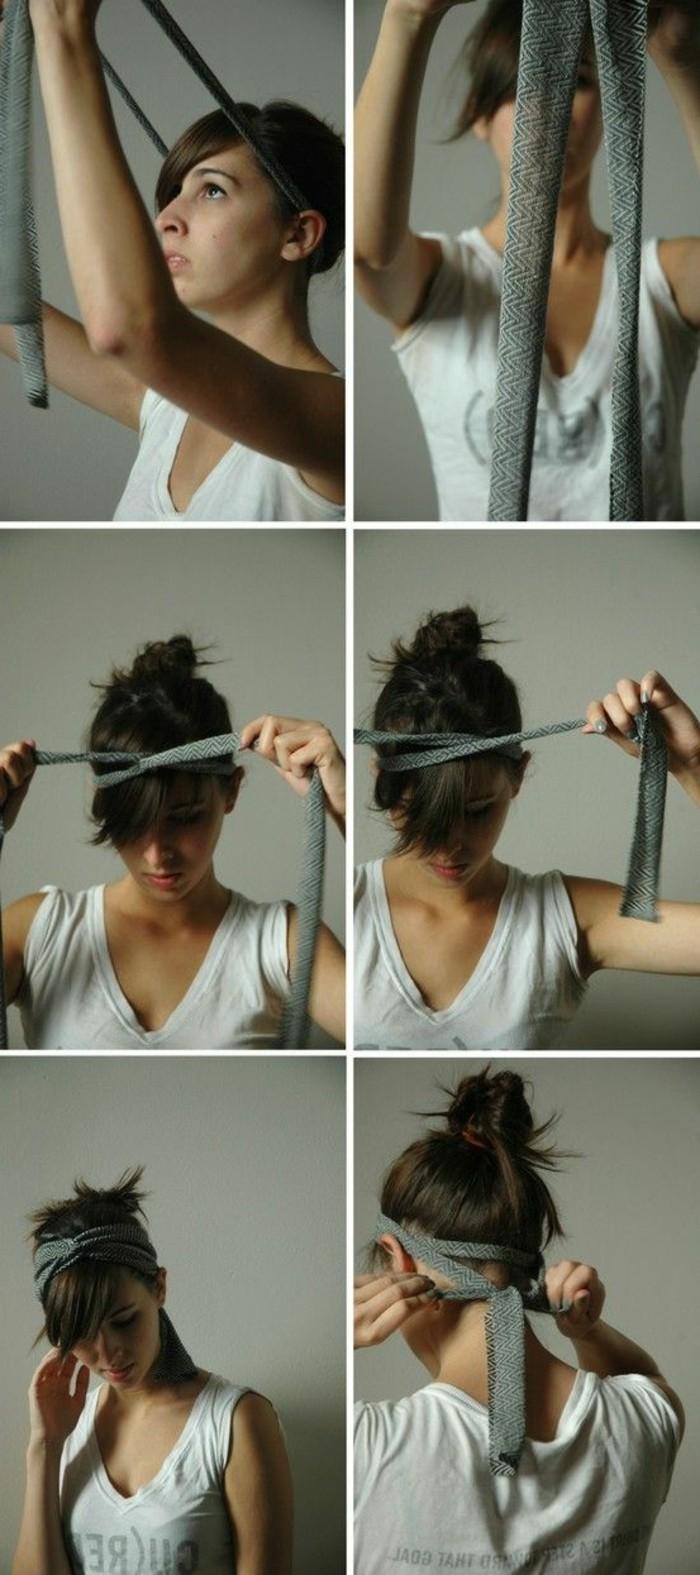 stirnband-selber-machen-ganz-einfach-aus-einem-band